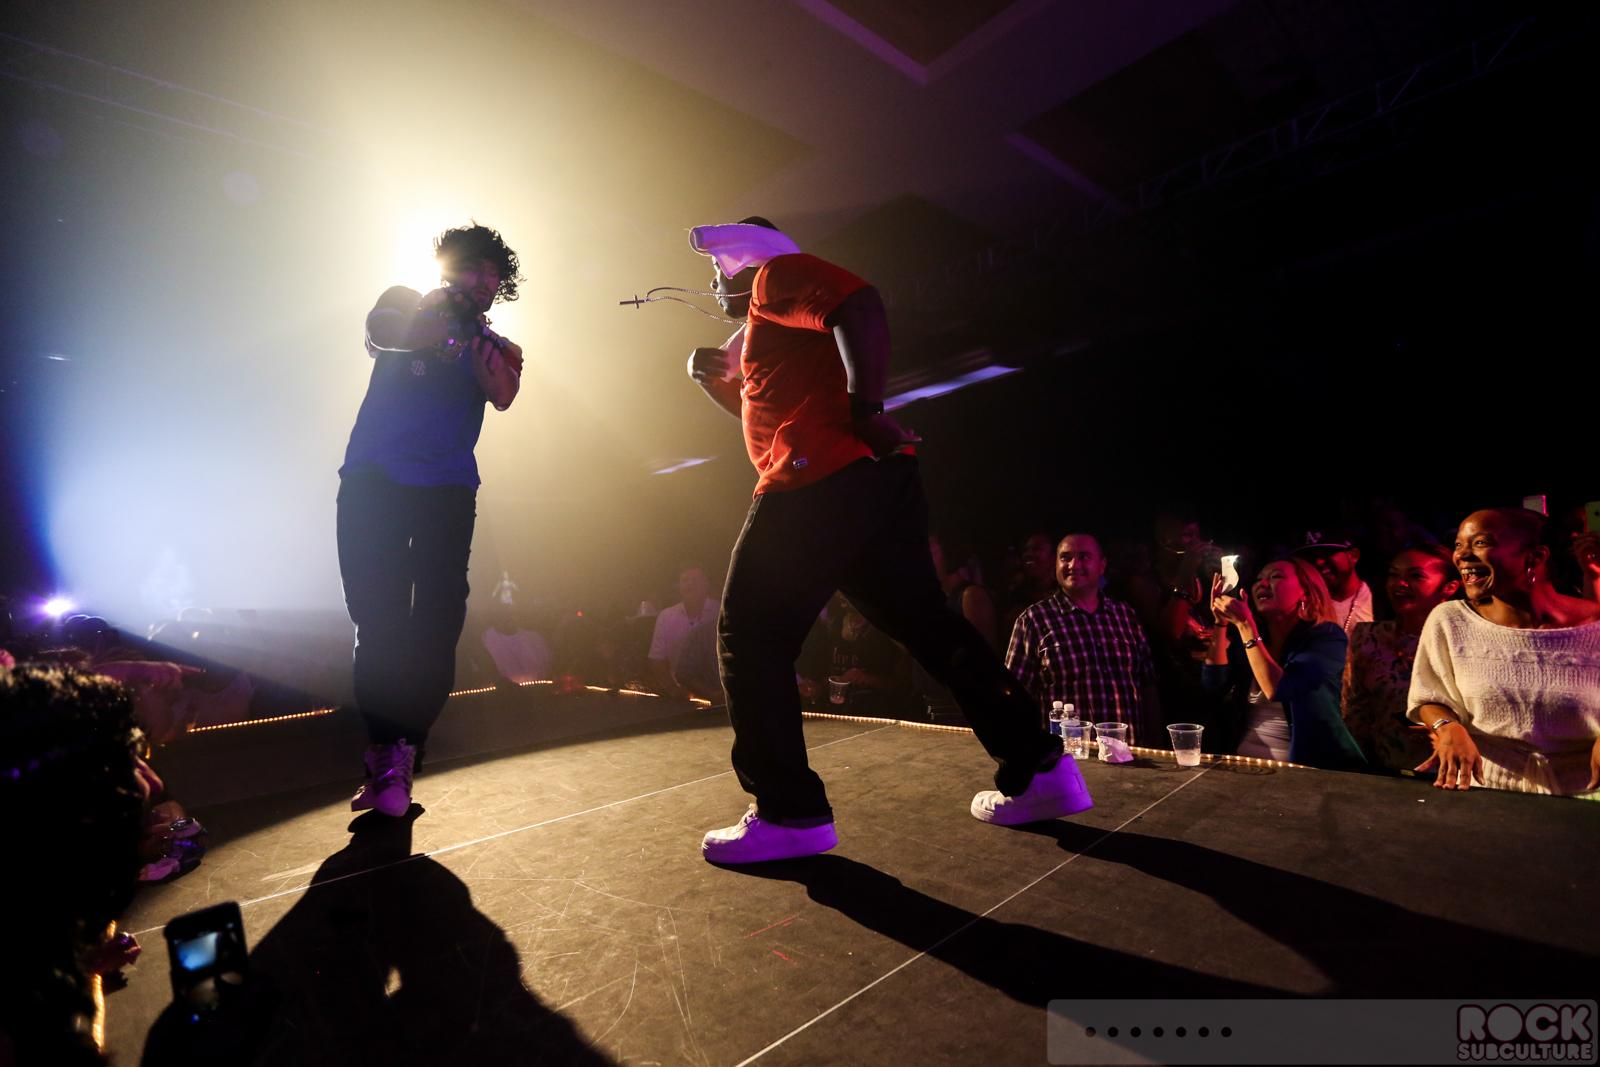 Resort casino hip hop concert